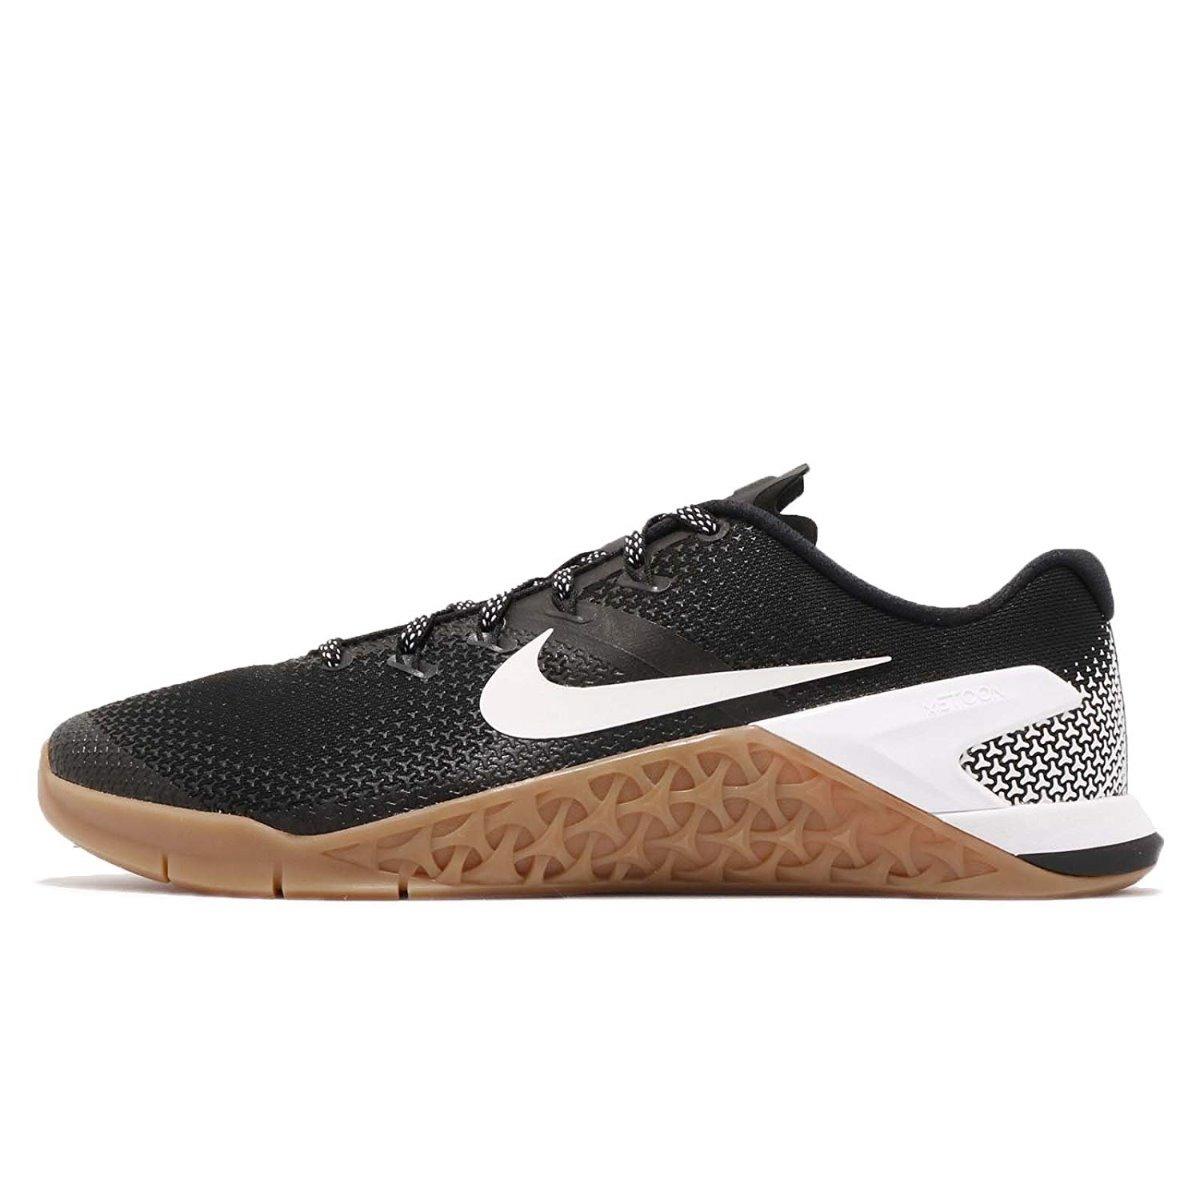 Zapatillas Nike Metcon 4 Hombre Negro Crossfit Exclusivo